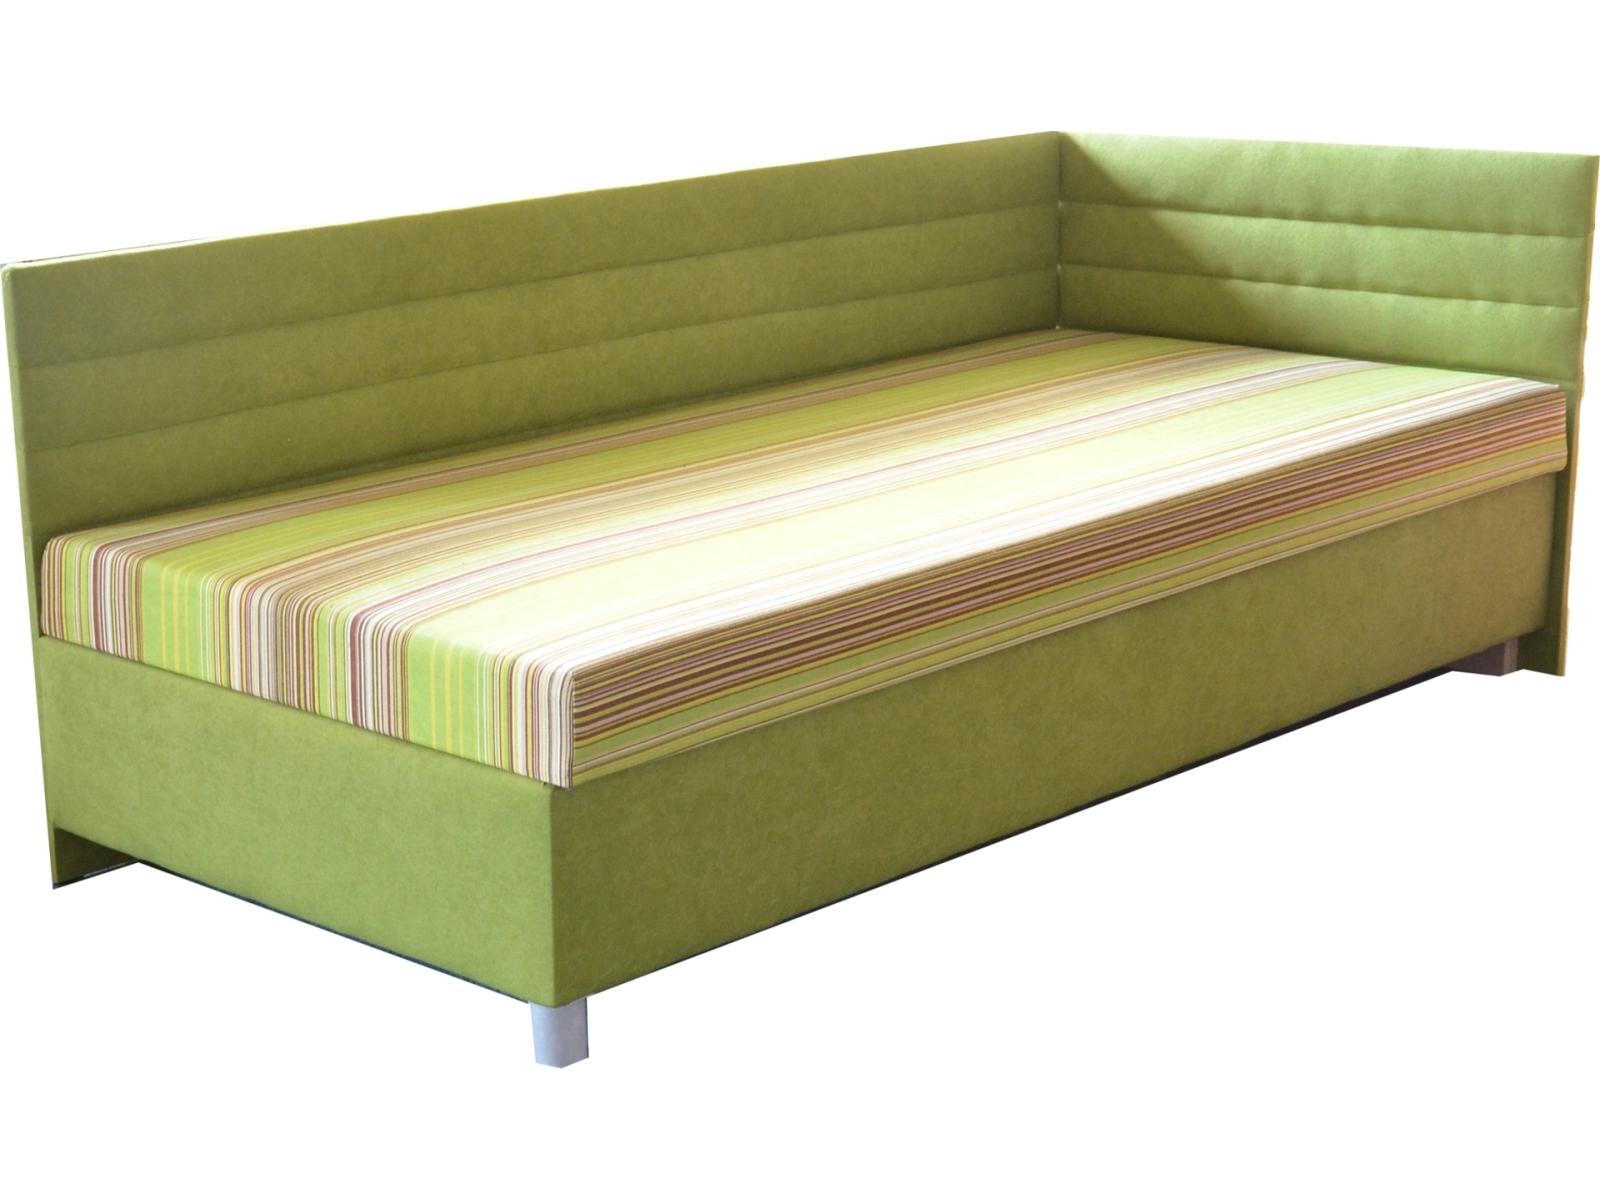 Jednolôžková posteľ (váľanda) 100 cm - Mitru - Etile 2 (so sendvičovým matracom) (P). Sme autorizovaný predajca Mitru. Vlastná spoľahlivá doprava až k Vám domov.